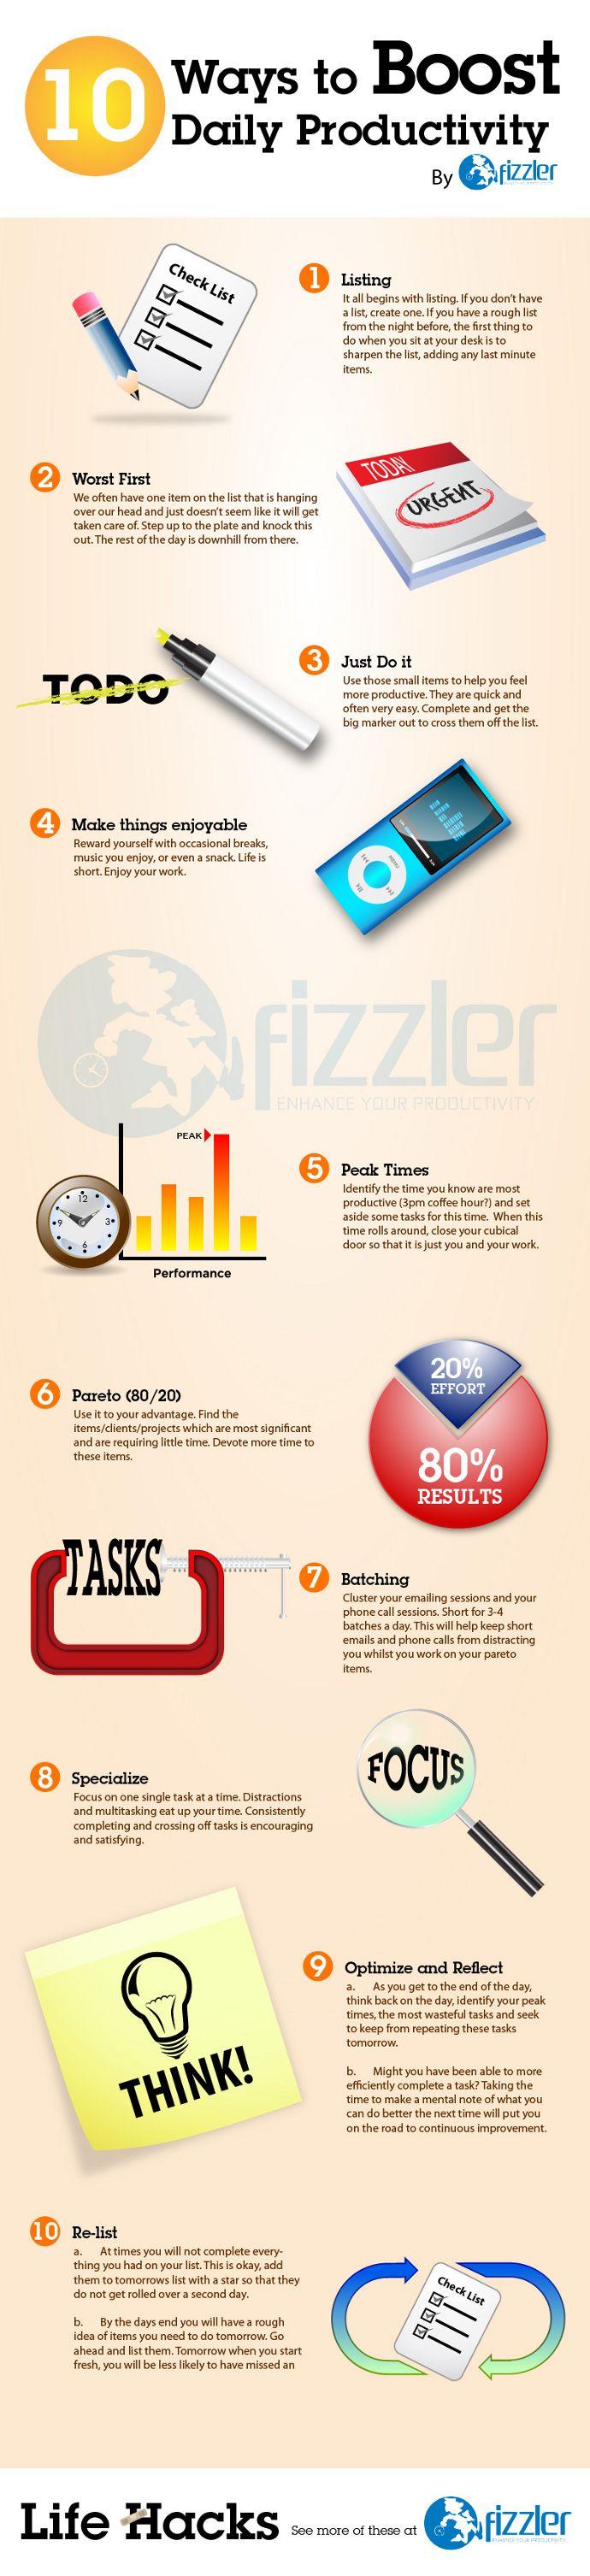 10 ways to Boost daily #Productivity. #smallbiz#marketing www.sourcepep.com/80-20-blog/